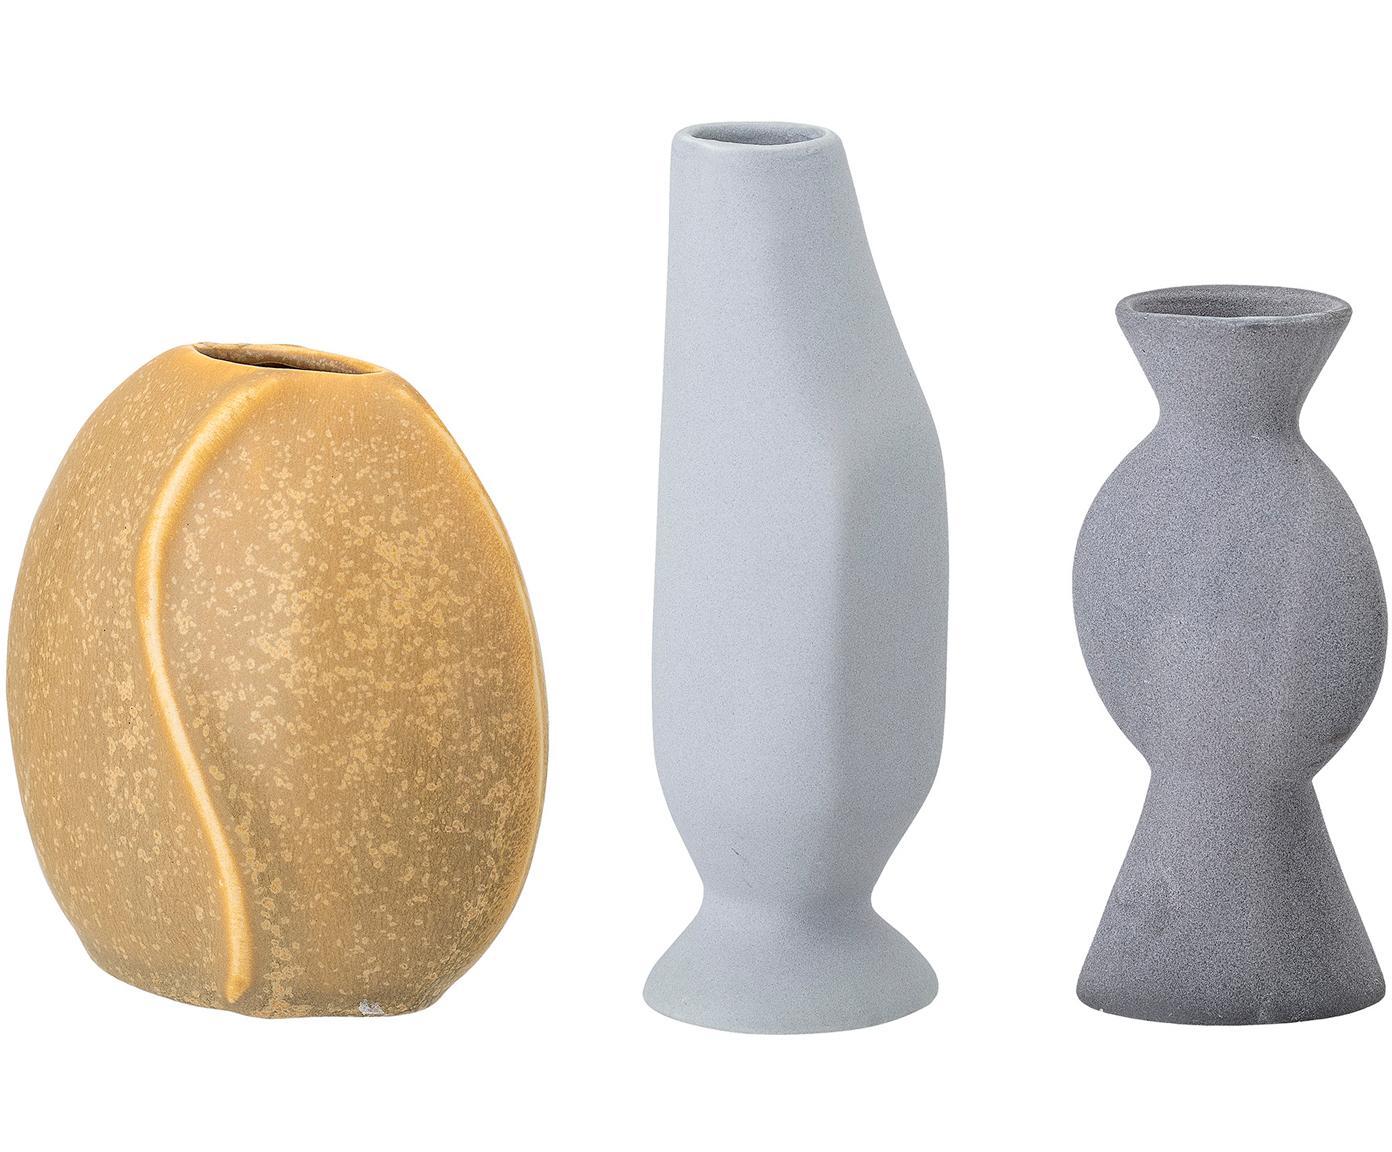 Set de jarrones artesanales Lubava, 3pzas., Gres, Amarillo, gris claro, gris, Tamaños diferentes